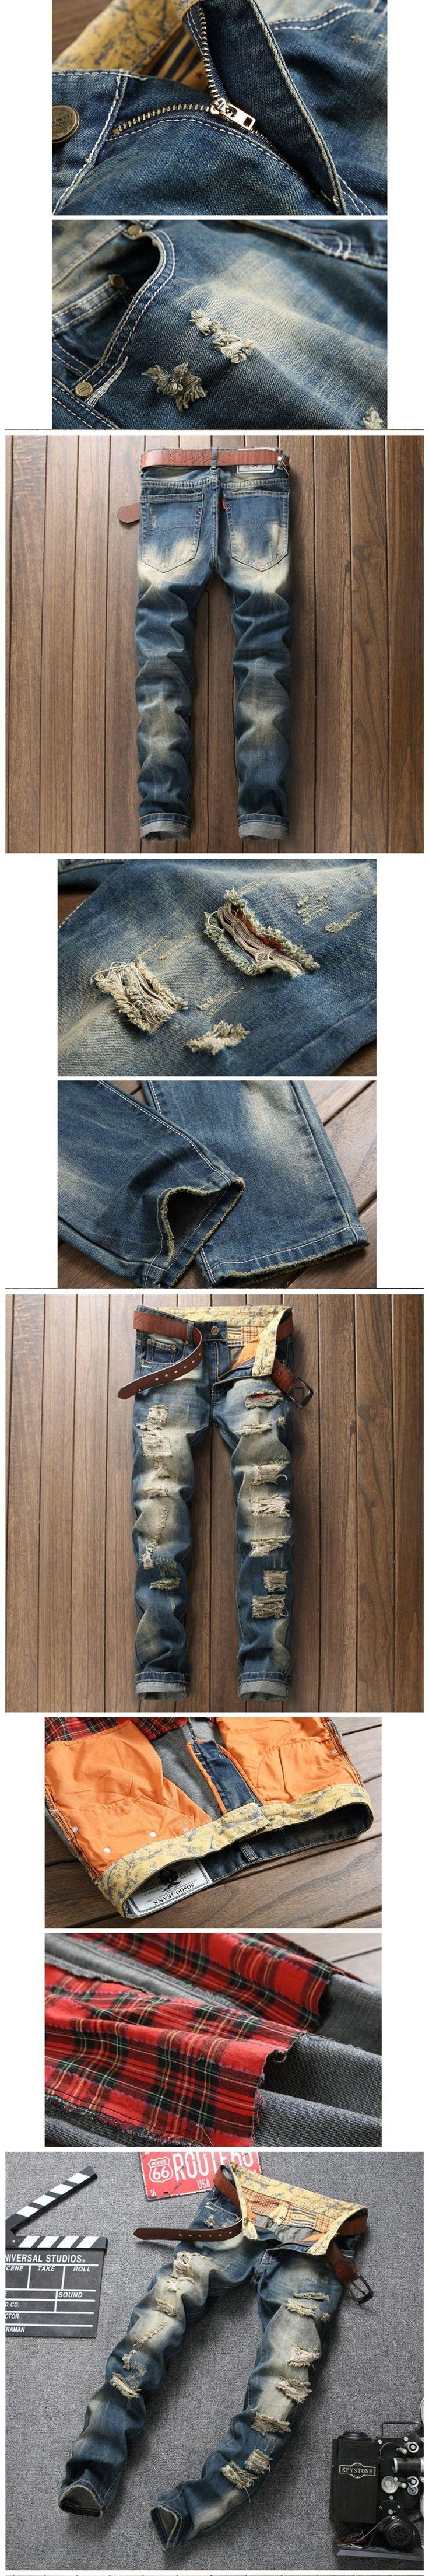 Fashion Hip Hop Denim Mens Jeans With Holes Men's Jeans Straight Pants Men Jeans 2017 pantalon hombre Denim Pants Trouser BP793